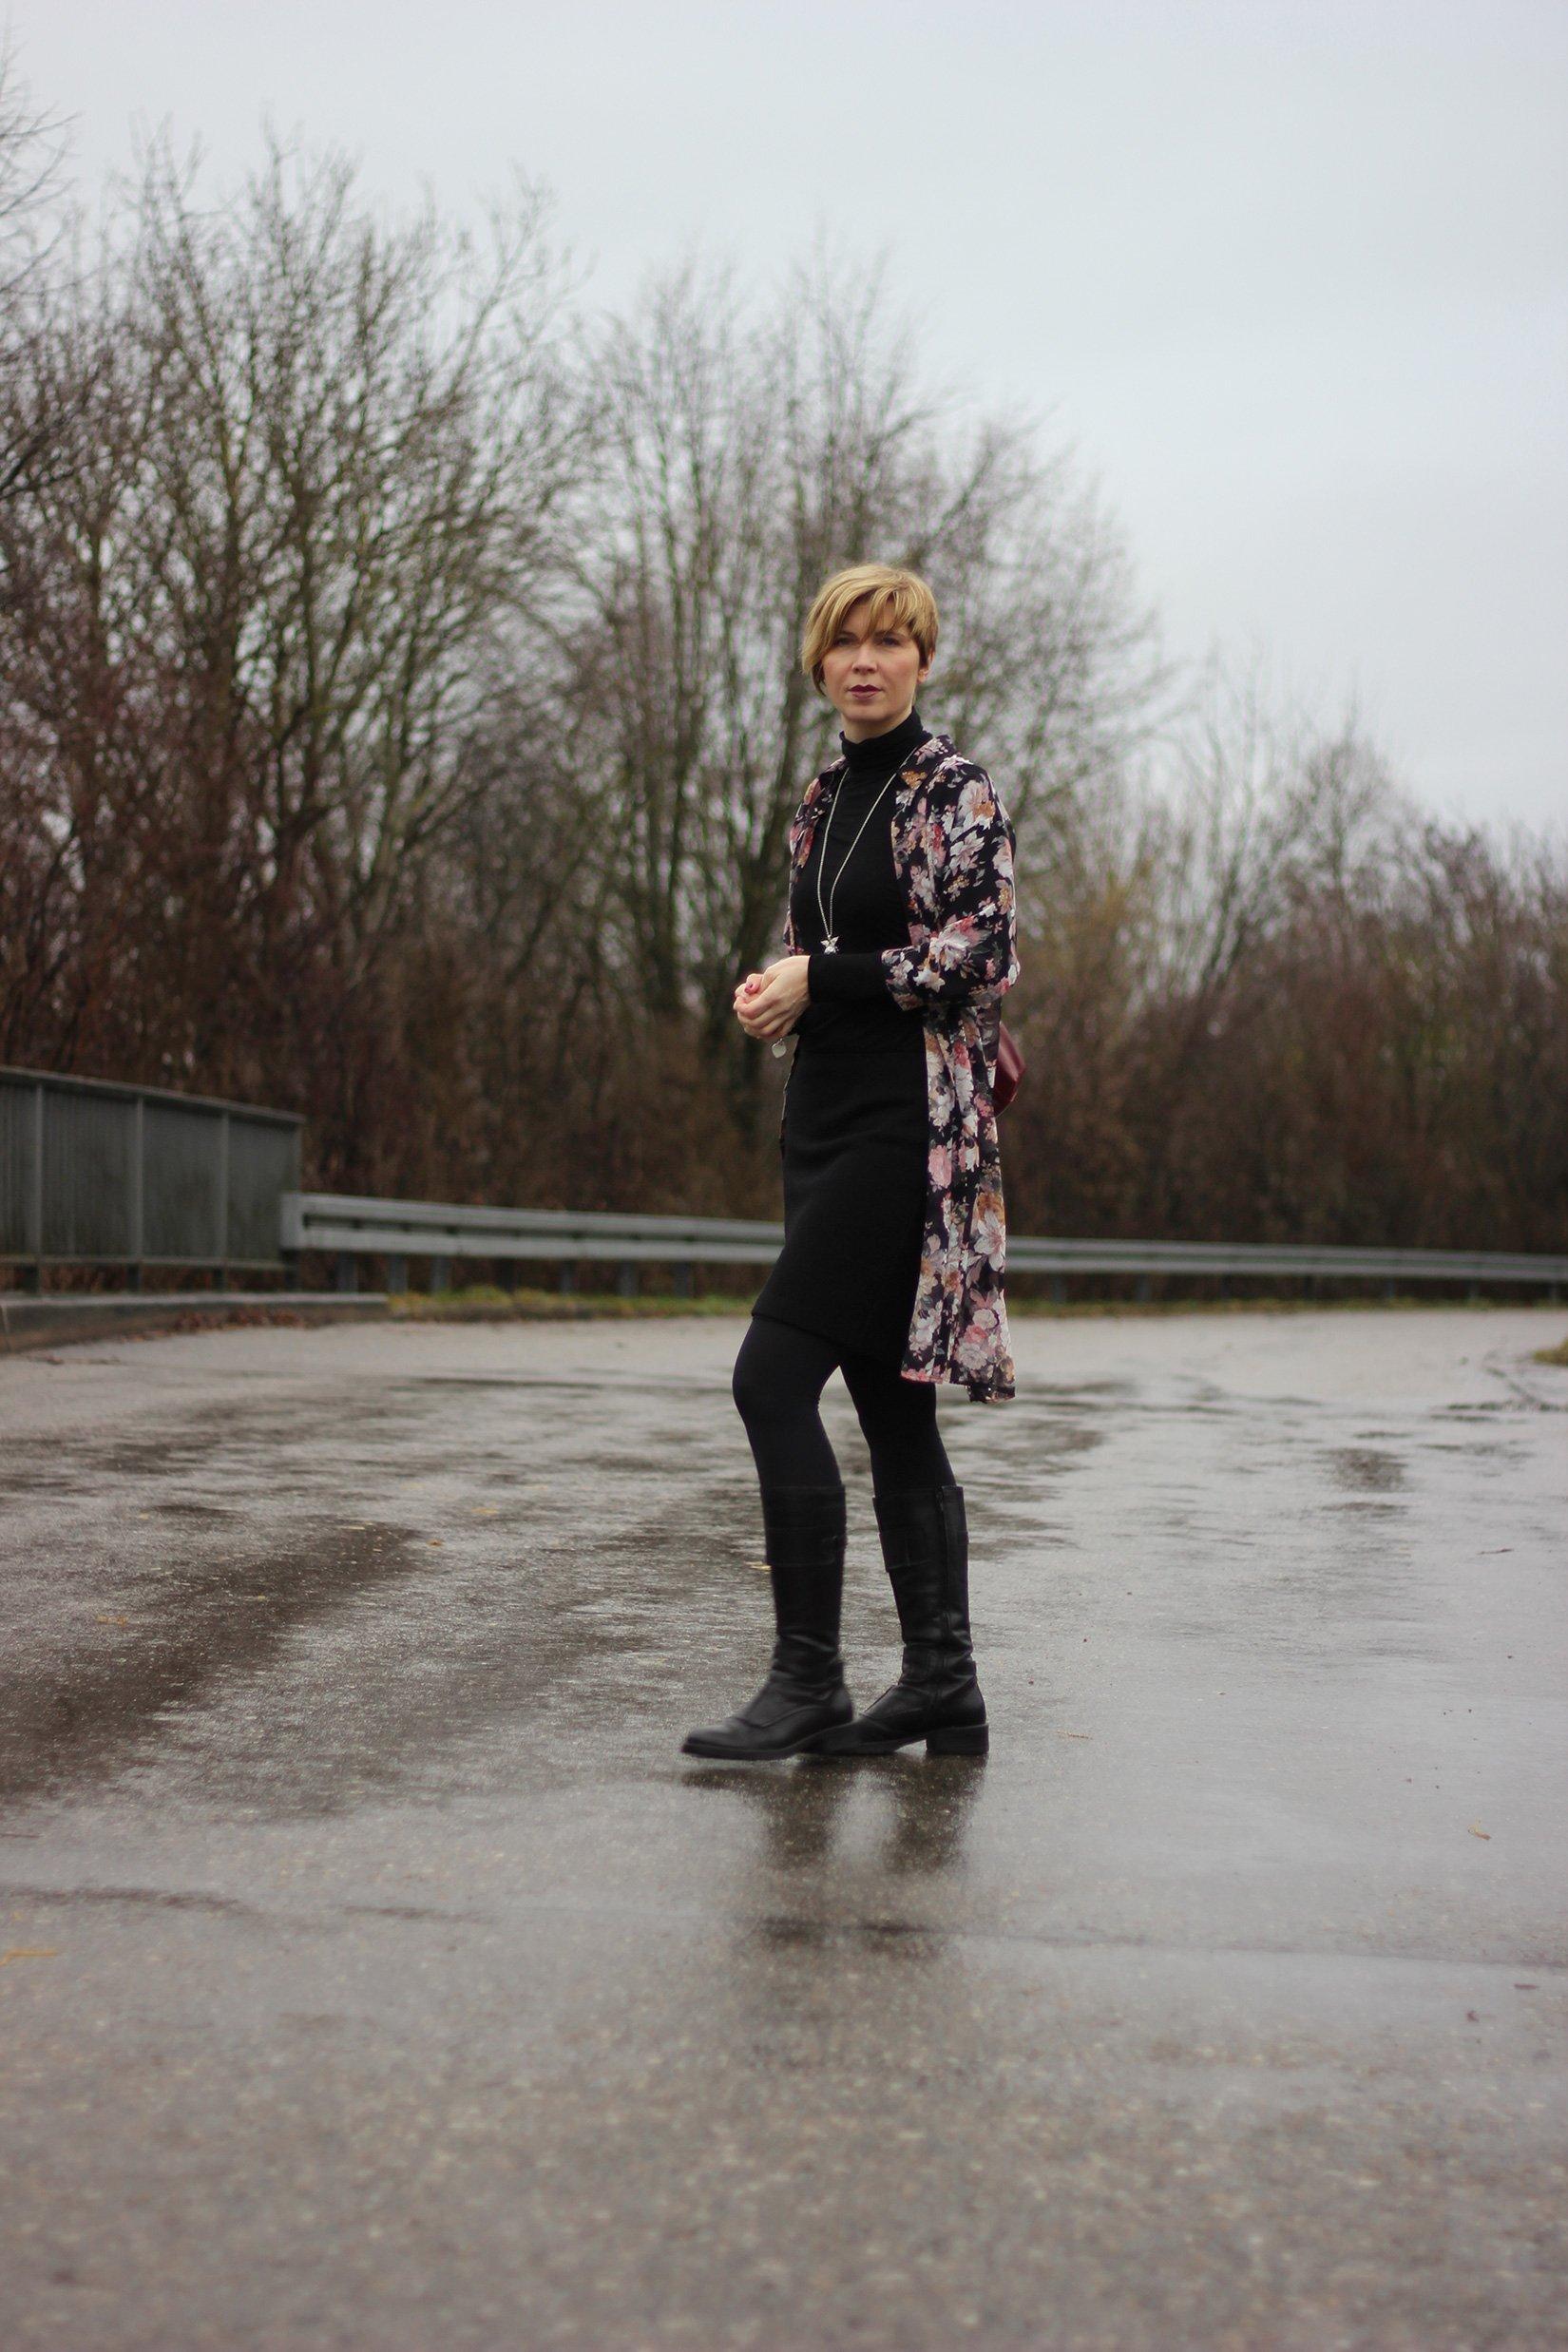 Conny auf regennasser Straße - ganz in Schwarz mit Longbluse im Blumenprint